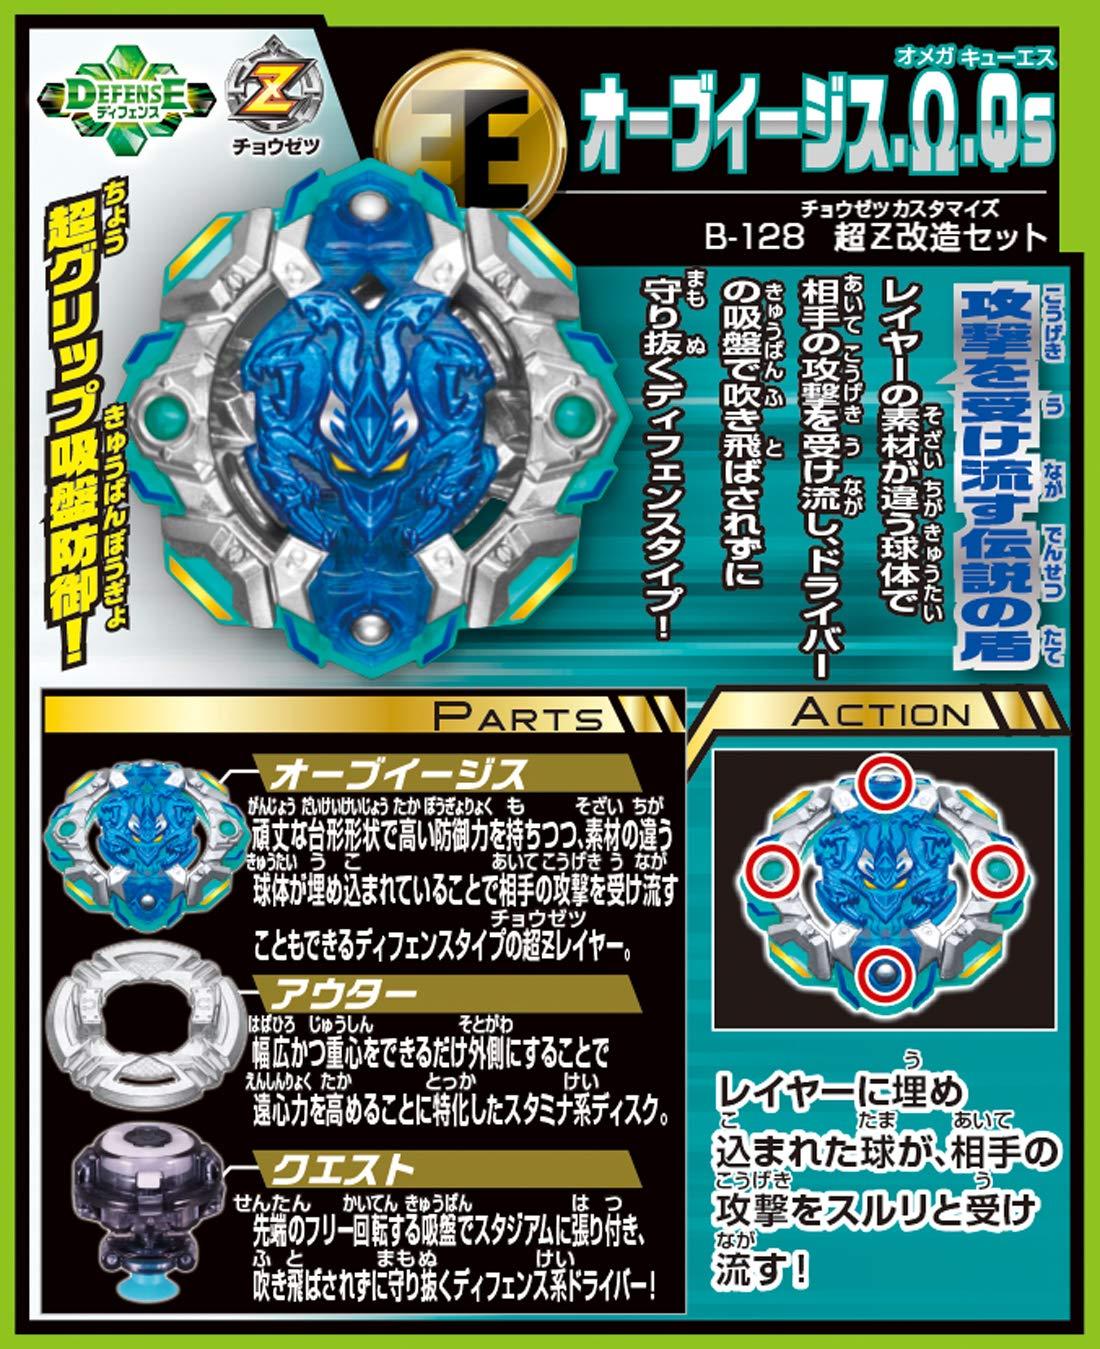 Takaratomy Beyblade Burst B-128 Super Z Remodeling Set by タカラトミー(TAKARA TOMY) (Image #5)